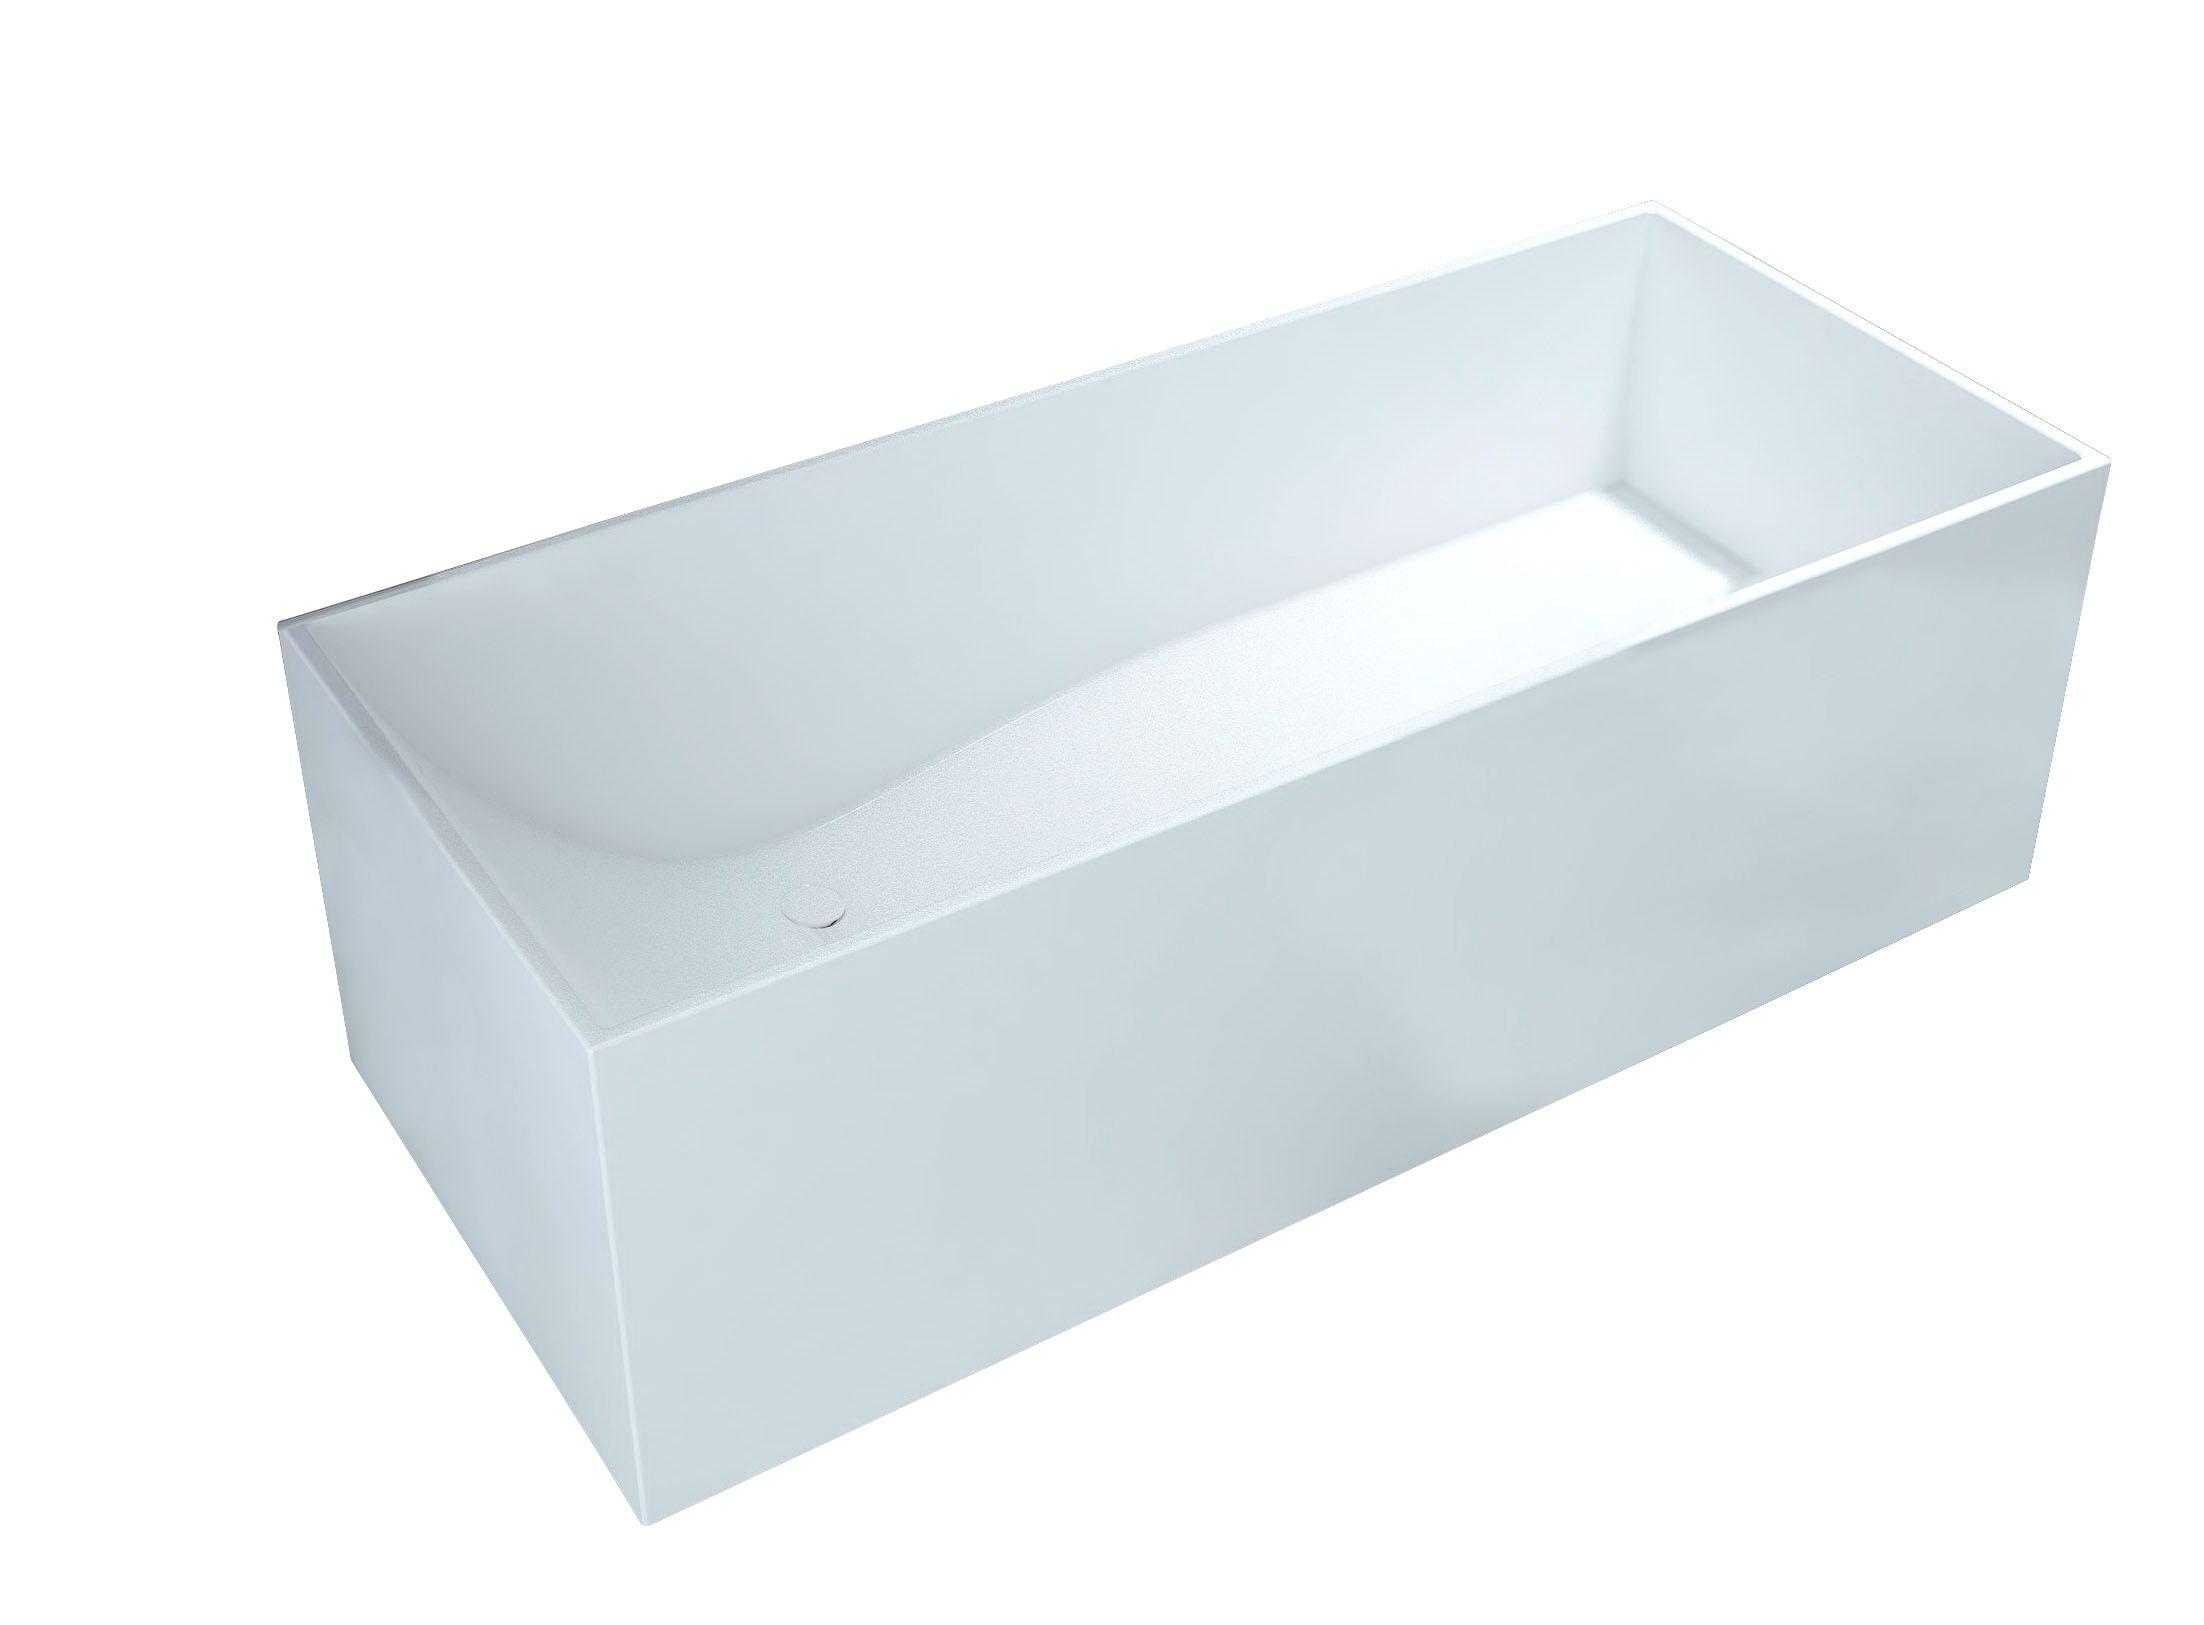 Best Design Experience solid surface vrijstaand bad 170x72x55cm mat wit kopen doe je voordelig hier